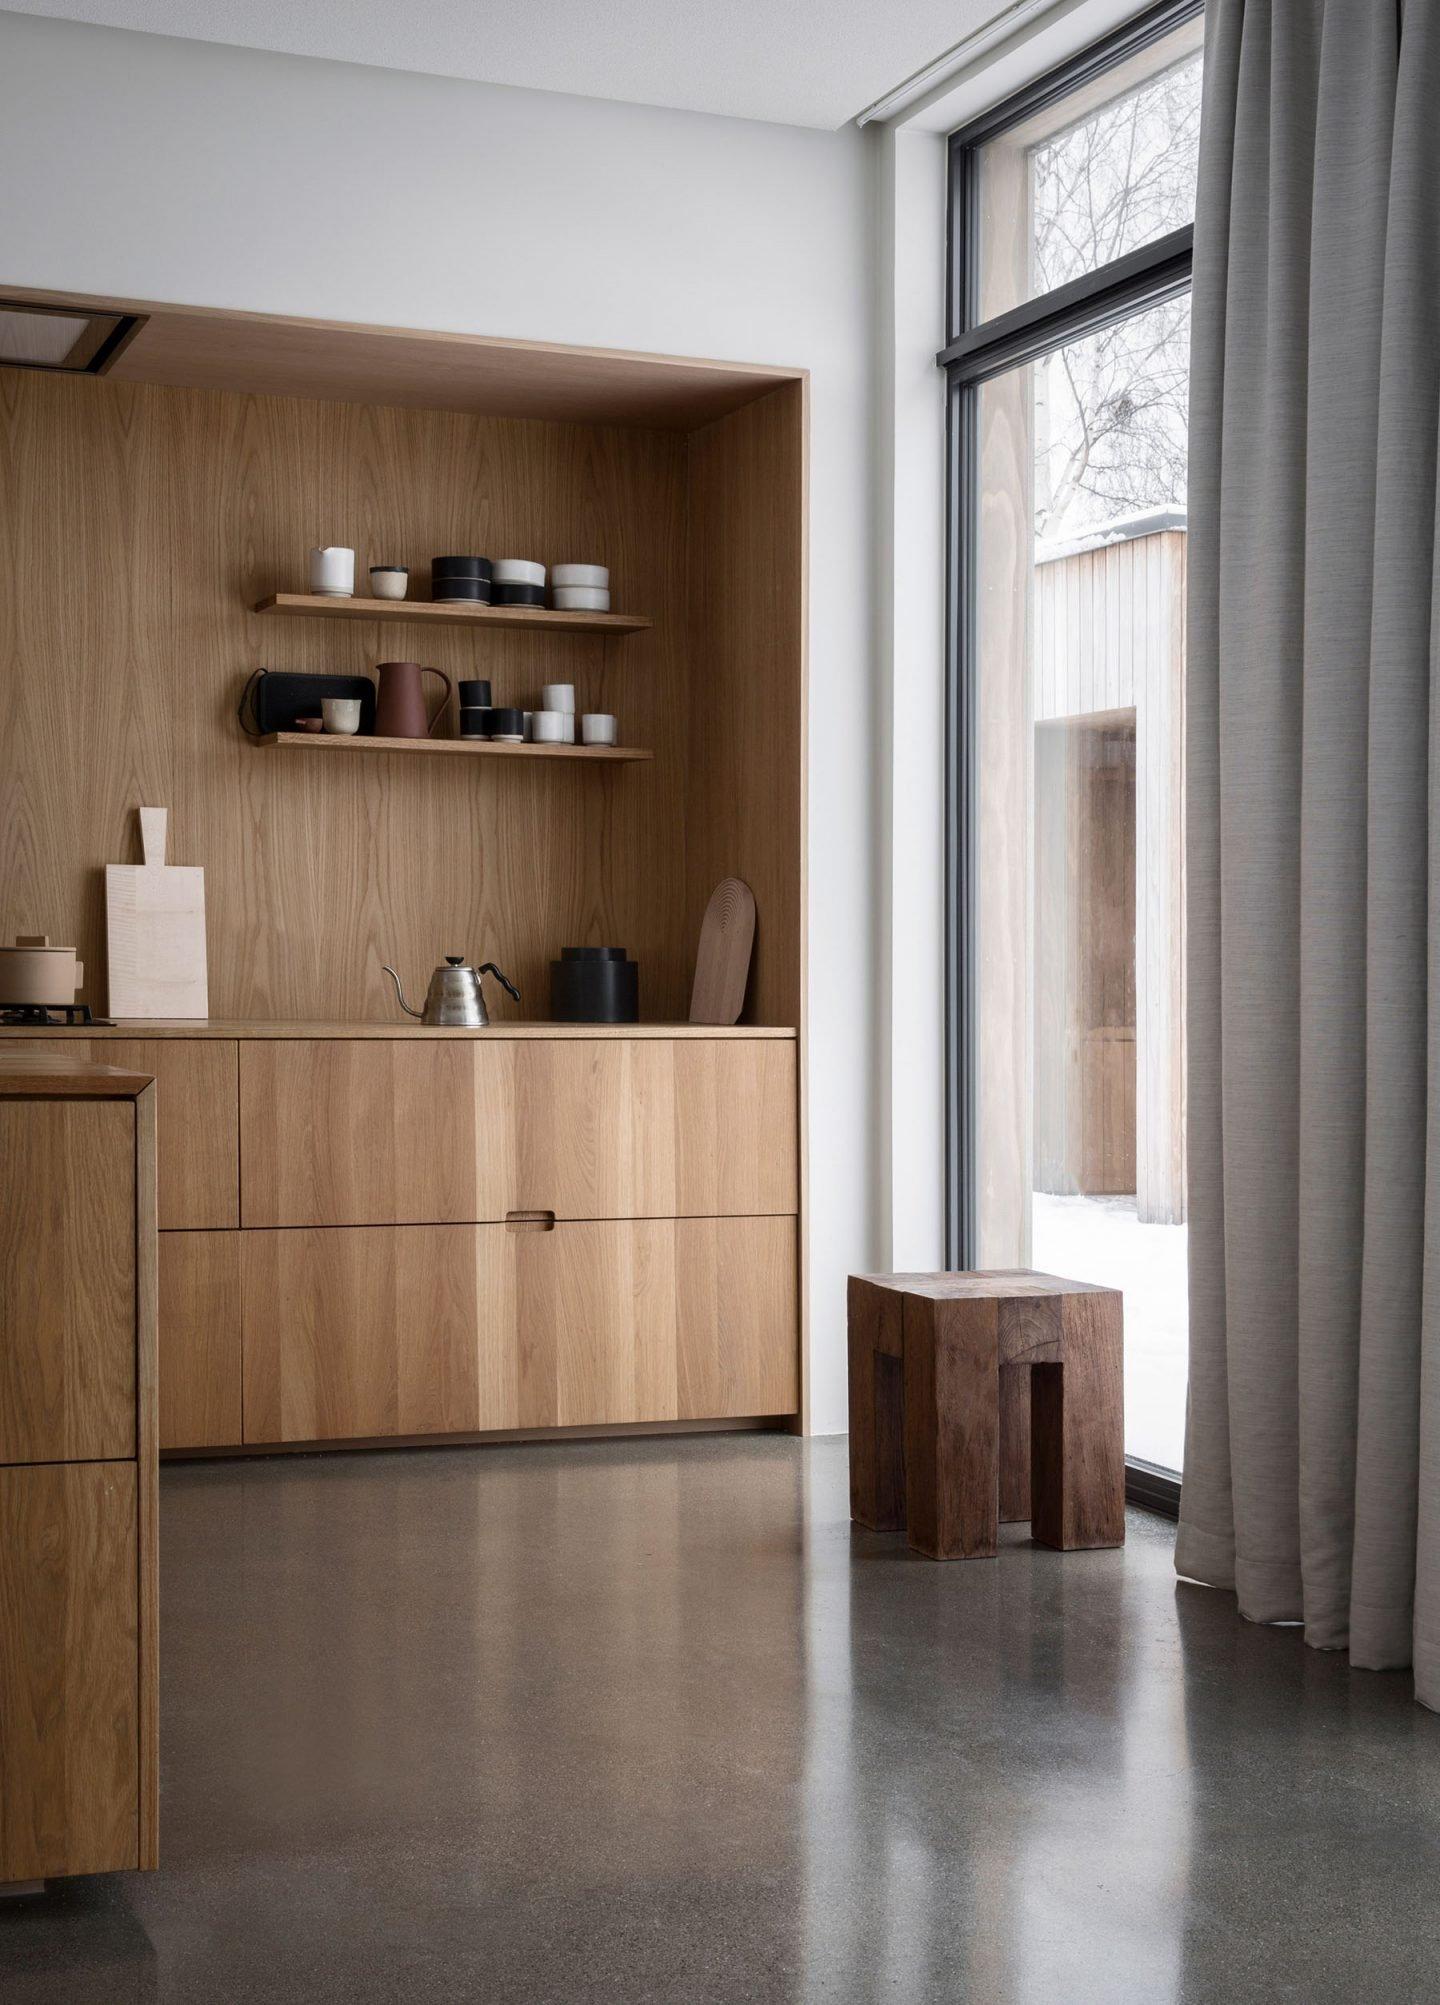 iGNANT-Architecture-Norm-Architects-Gjovik-House-05